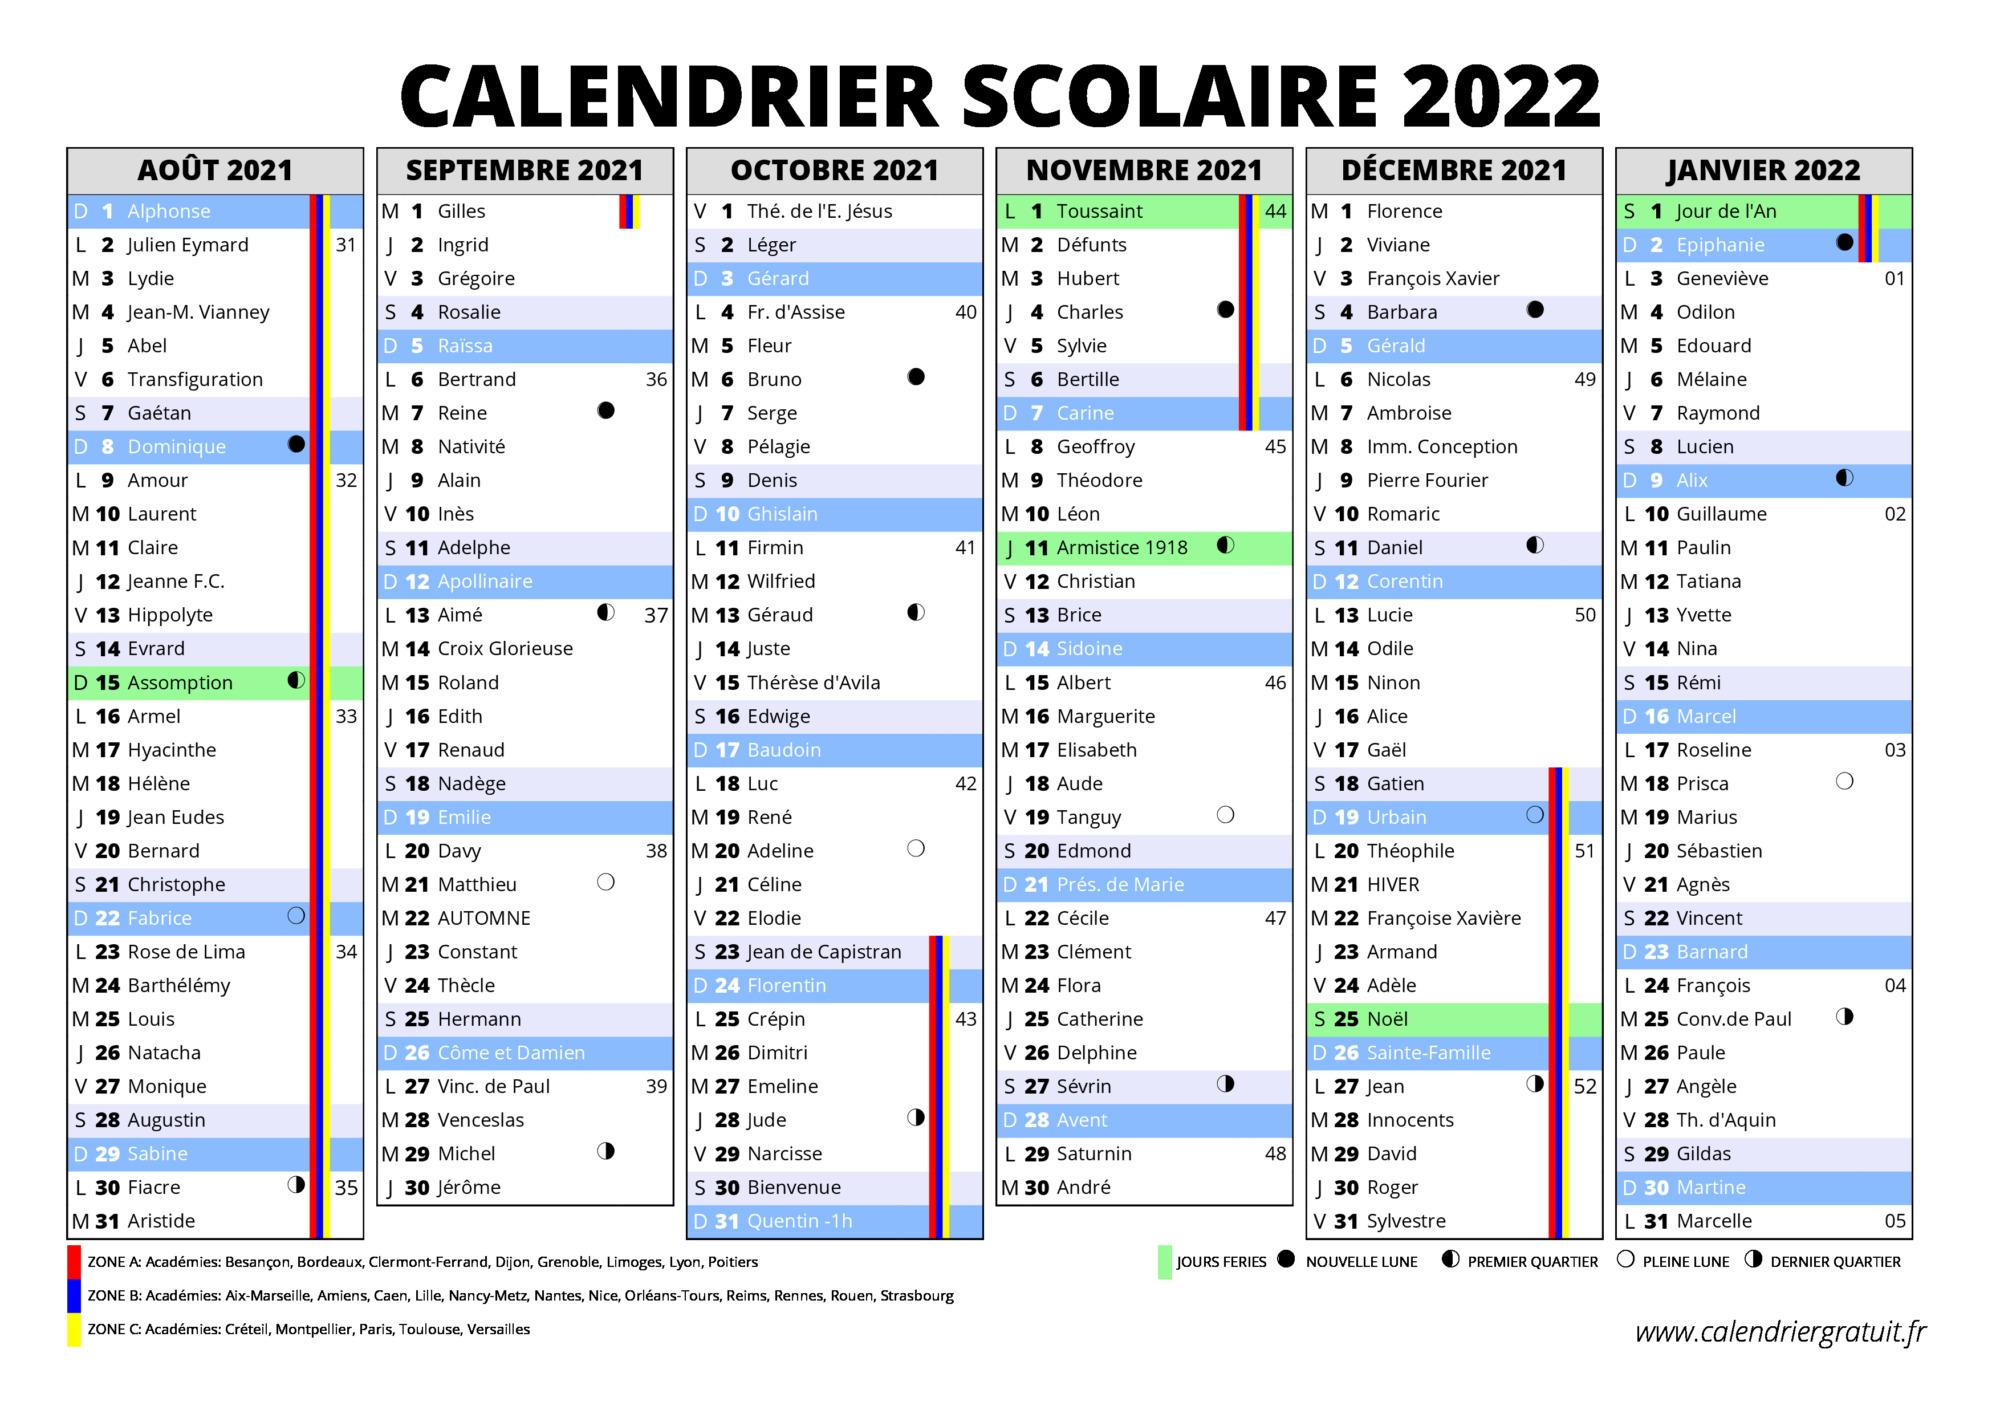 Calendrier 2022 Avec Vacances Scolaires Et Jours Feries Calendrier scolaire 2021 2022 à imprimer